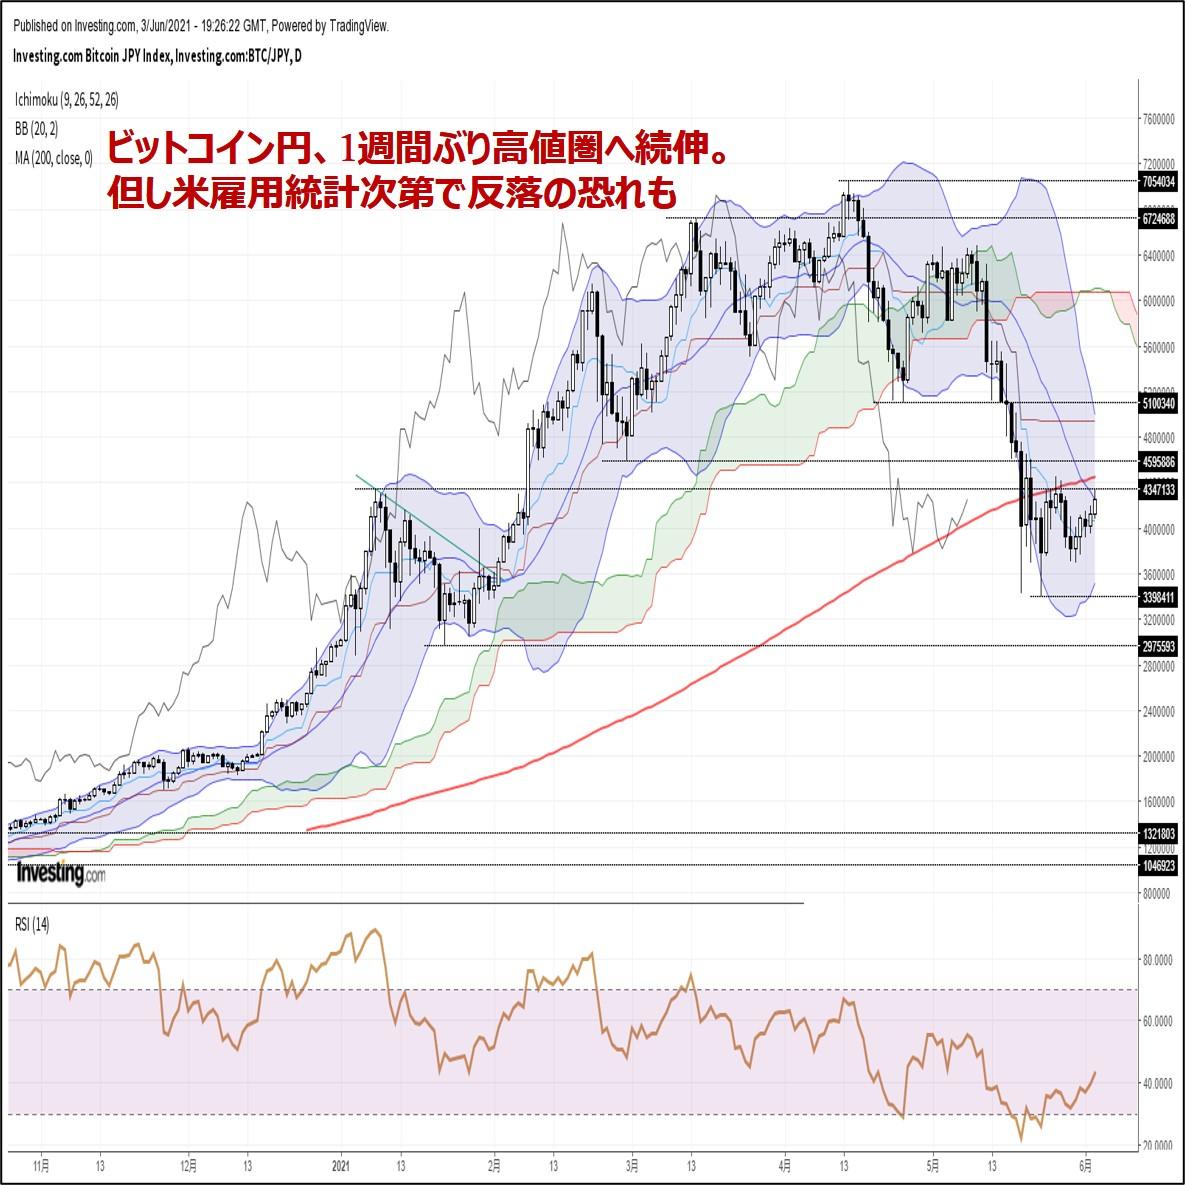 ビットコイン円、1週間ぶり高値圏へ続伸。但し米雇用統計次第で反落の恐れも